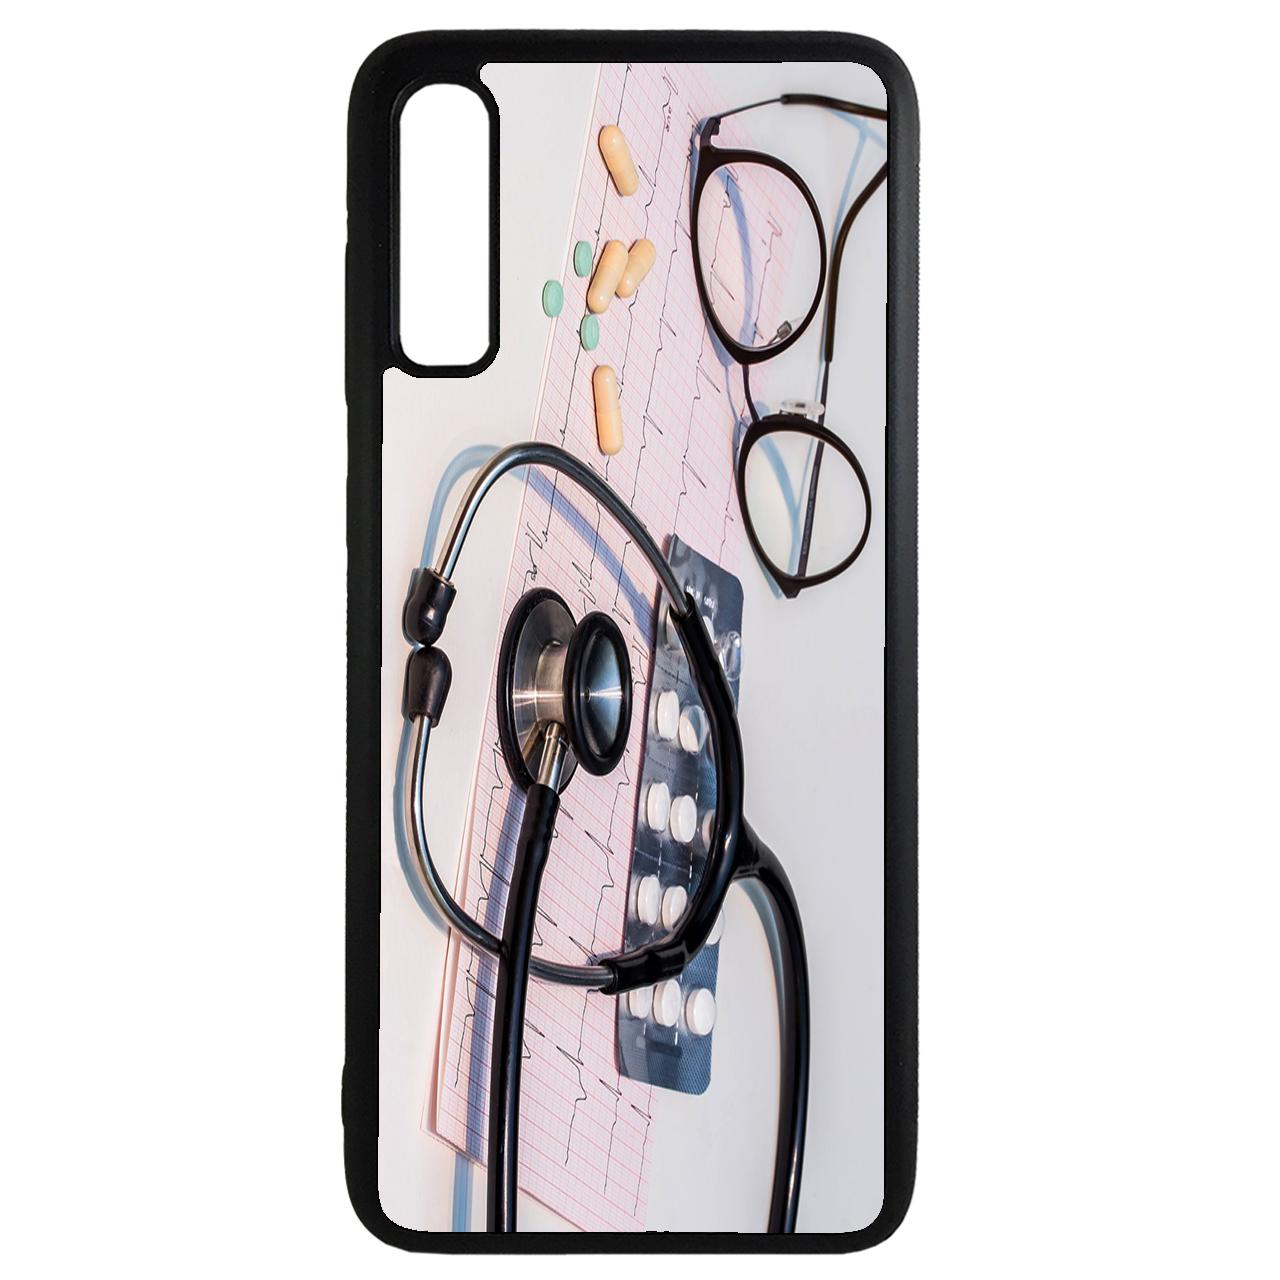 کاور طرح پزشکی کد 11050646 مناسب برای گوشی موبایل سامسونگ galaxy a30s